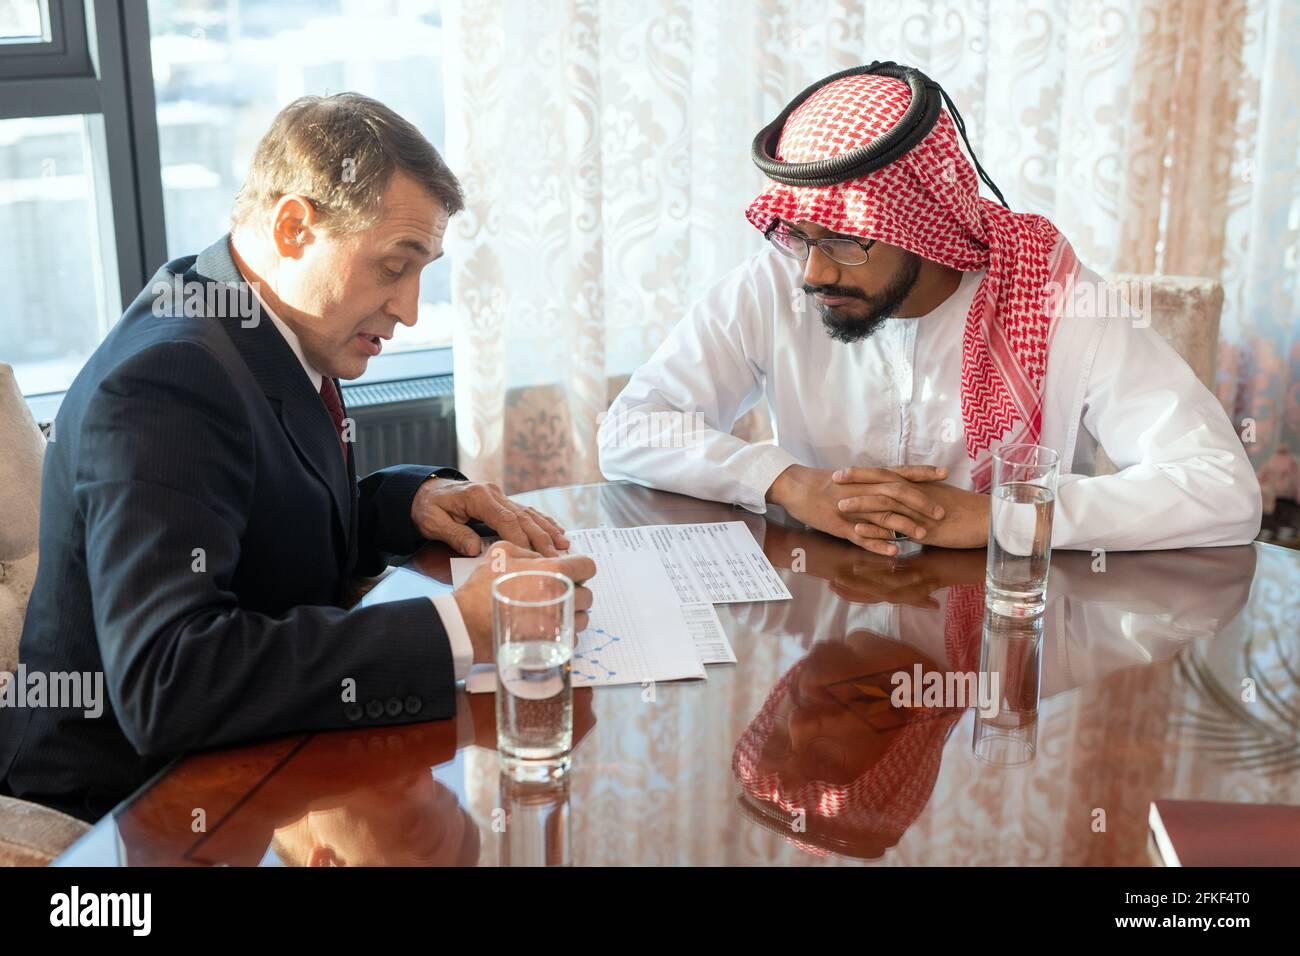 Zwei männliche Delegierte, die an einem Tisch sitzen und Vorträge diskutieren Bei Arbeitstreffen Stockfoto